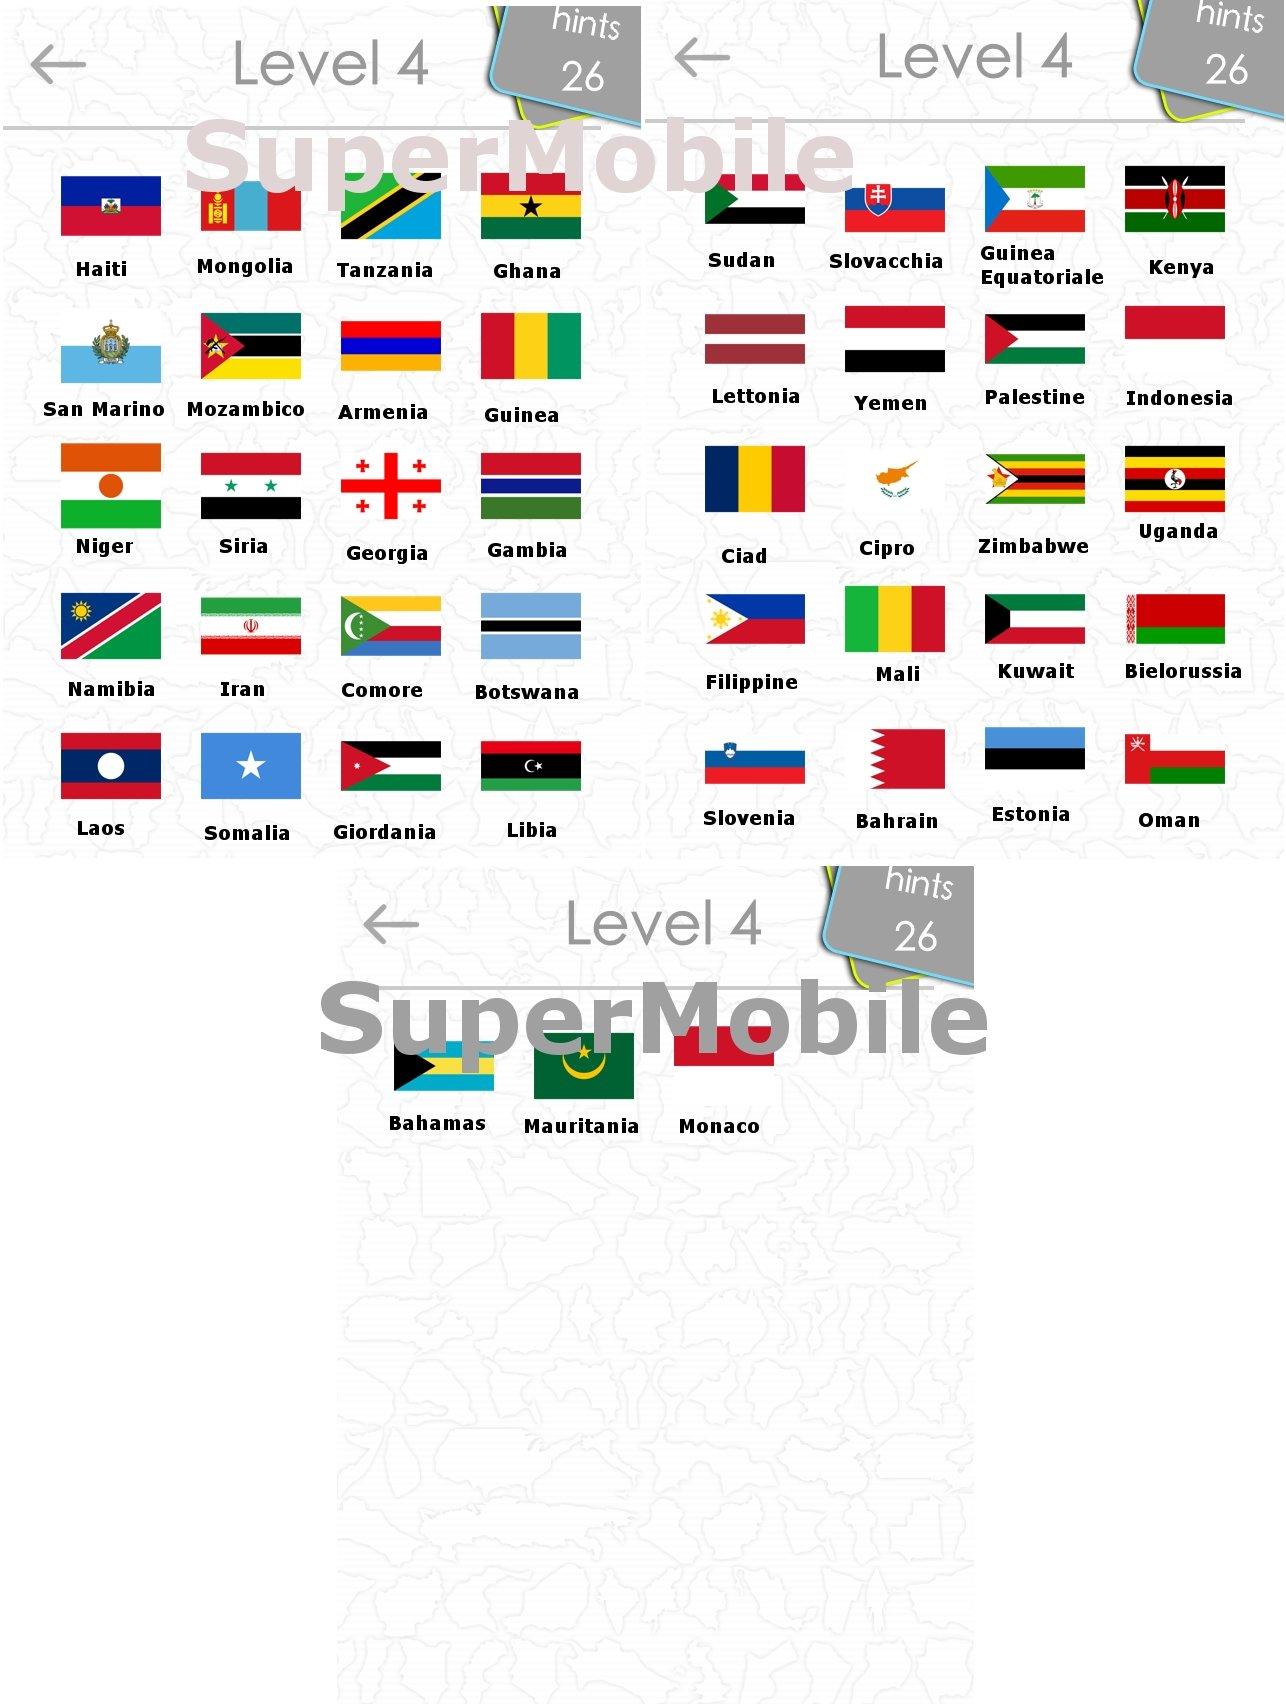 FlagsQuizGame - Tutta la soluzione, all solution, per iPhone, iPad